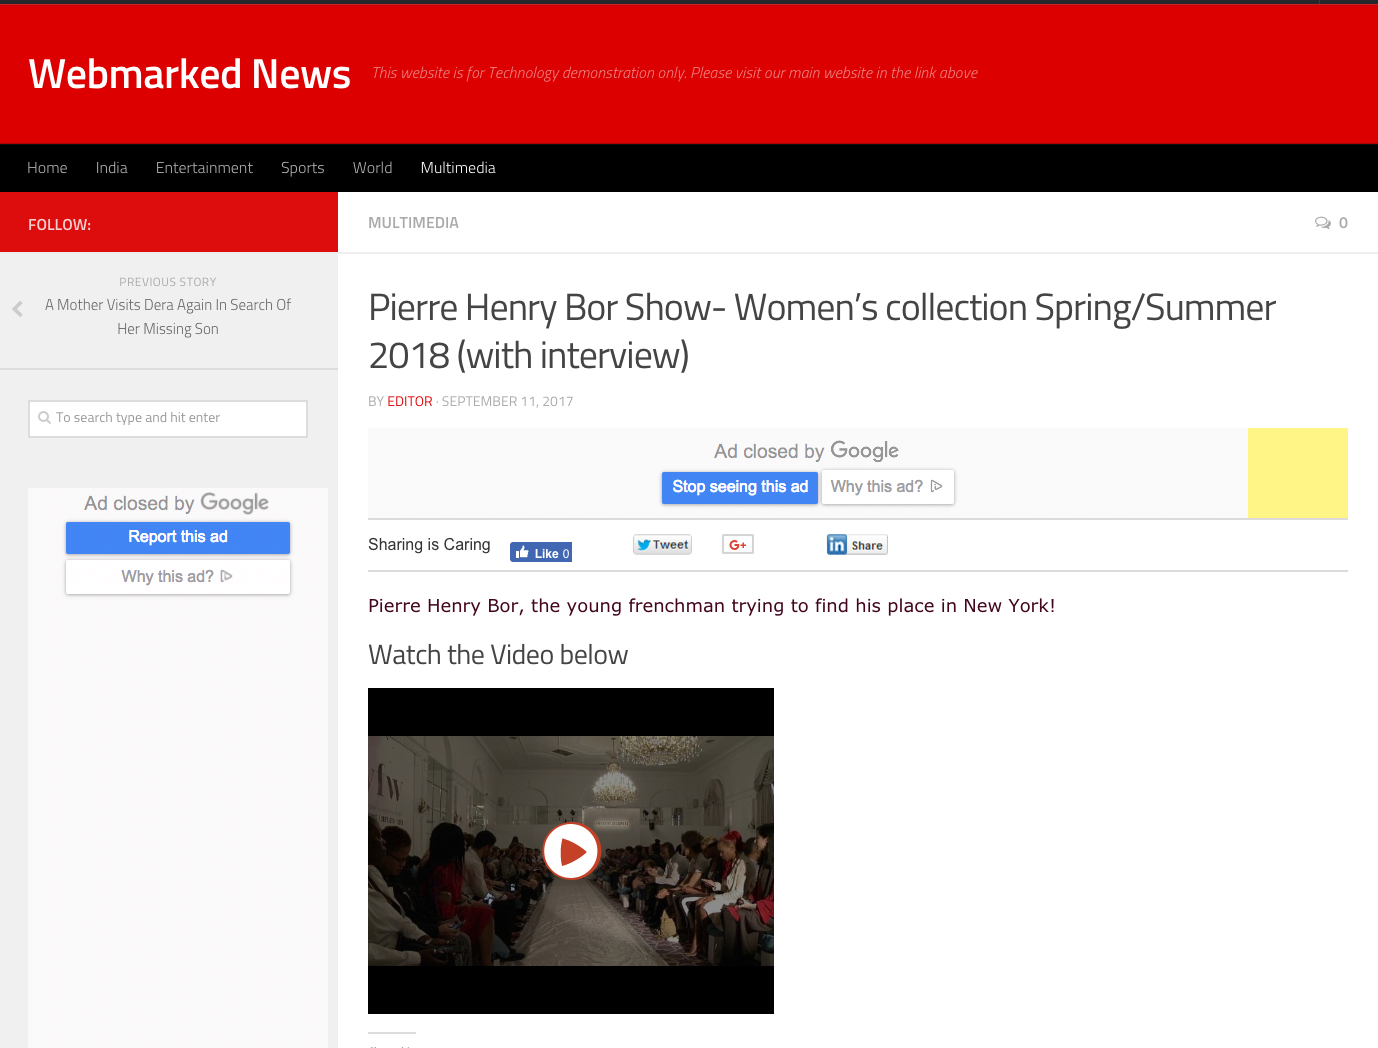 Webmarked News